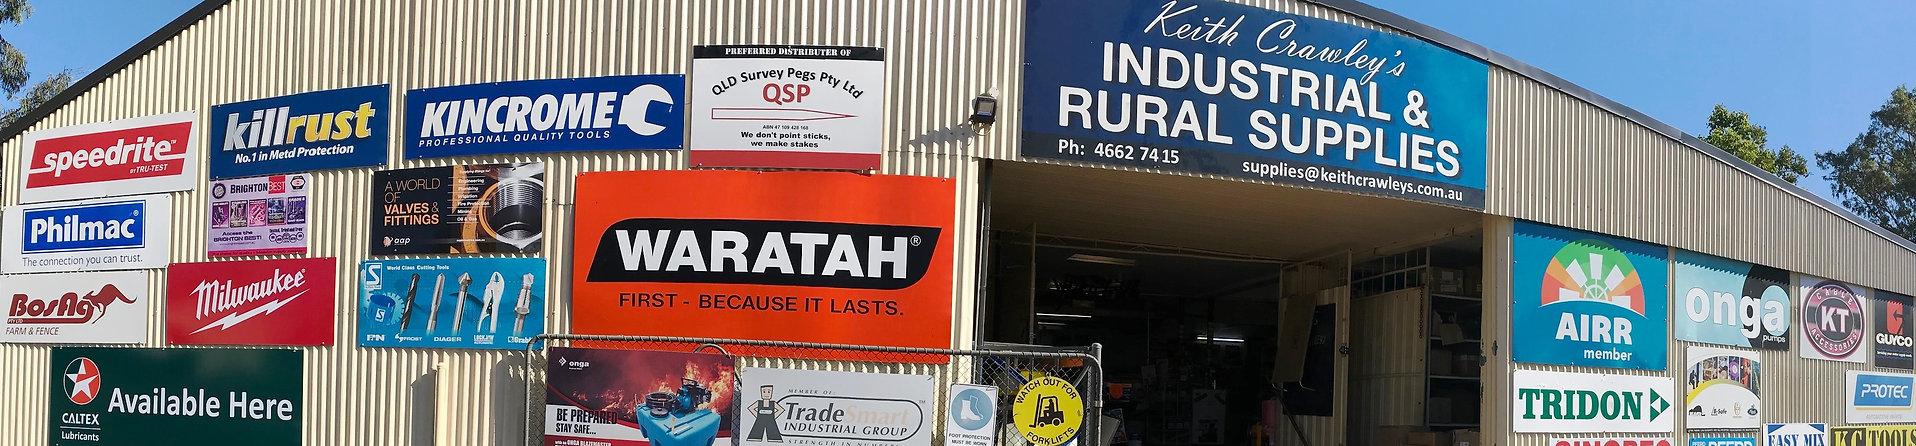 Keith Crawley Industrial & Rural Supplies